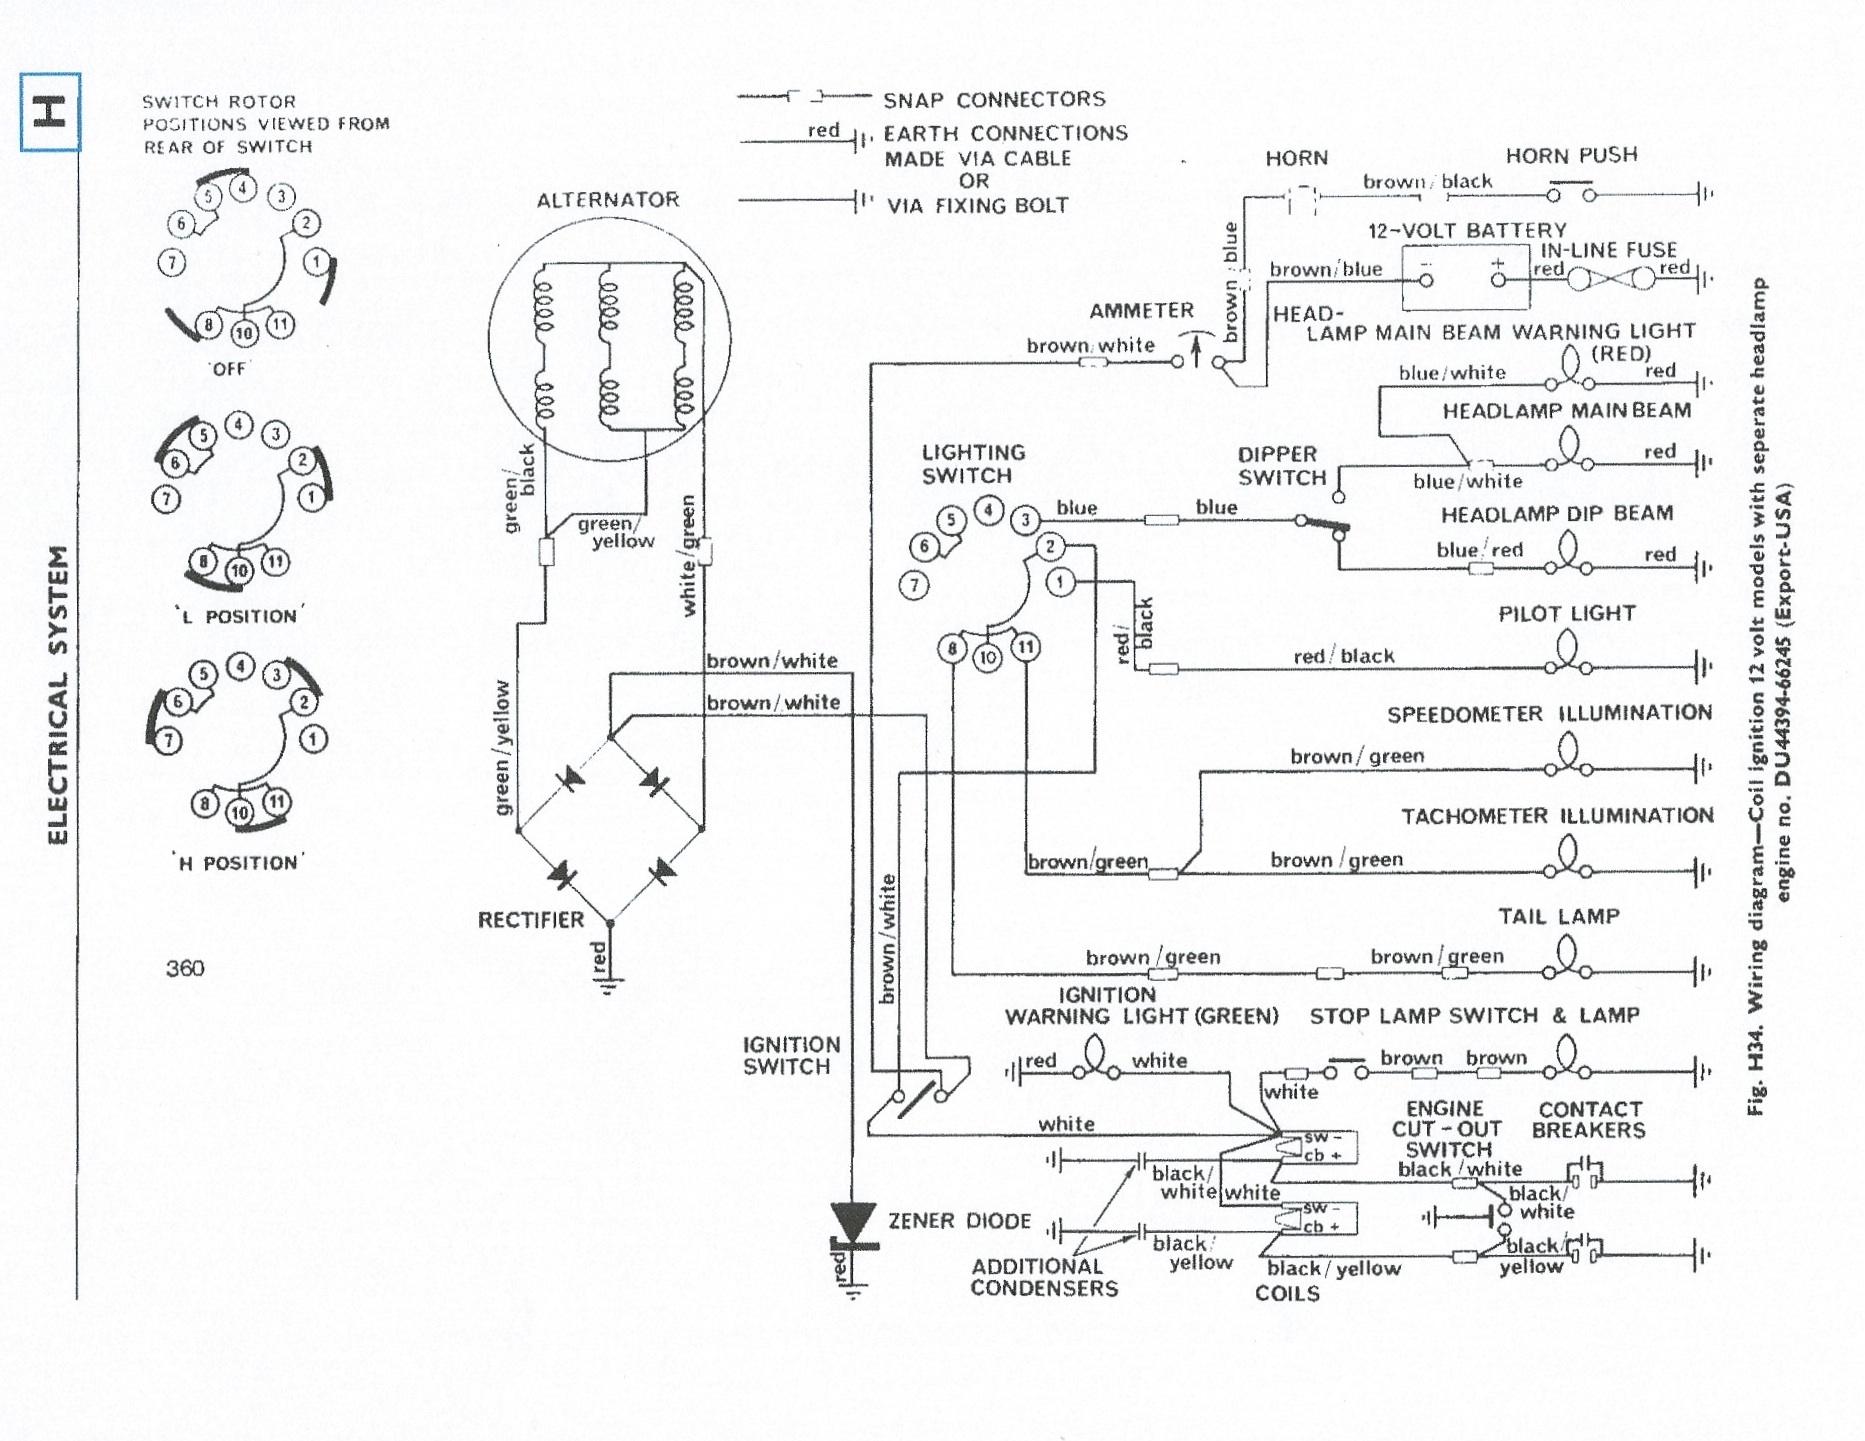 Single Phase Motor Wiring Diagrams